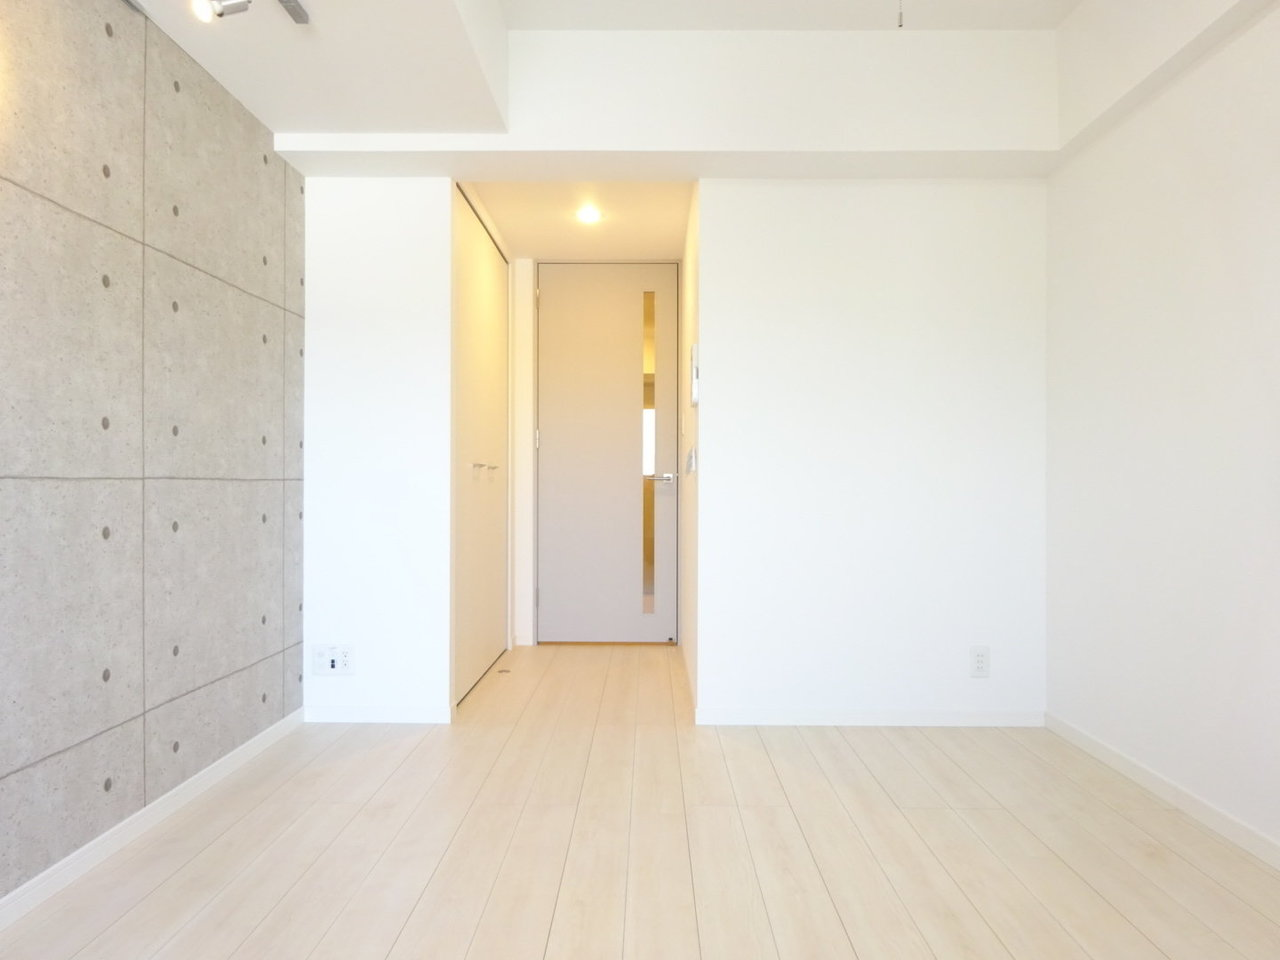 内装は白と淡いグレーでまとめられています。ポイントはコンクリ調の壁紙と無垢床!見た目はクールだけど木の温かさが感じられるので、ほっこり空間になりそう。